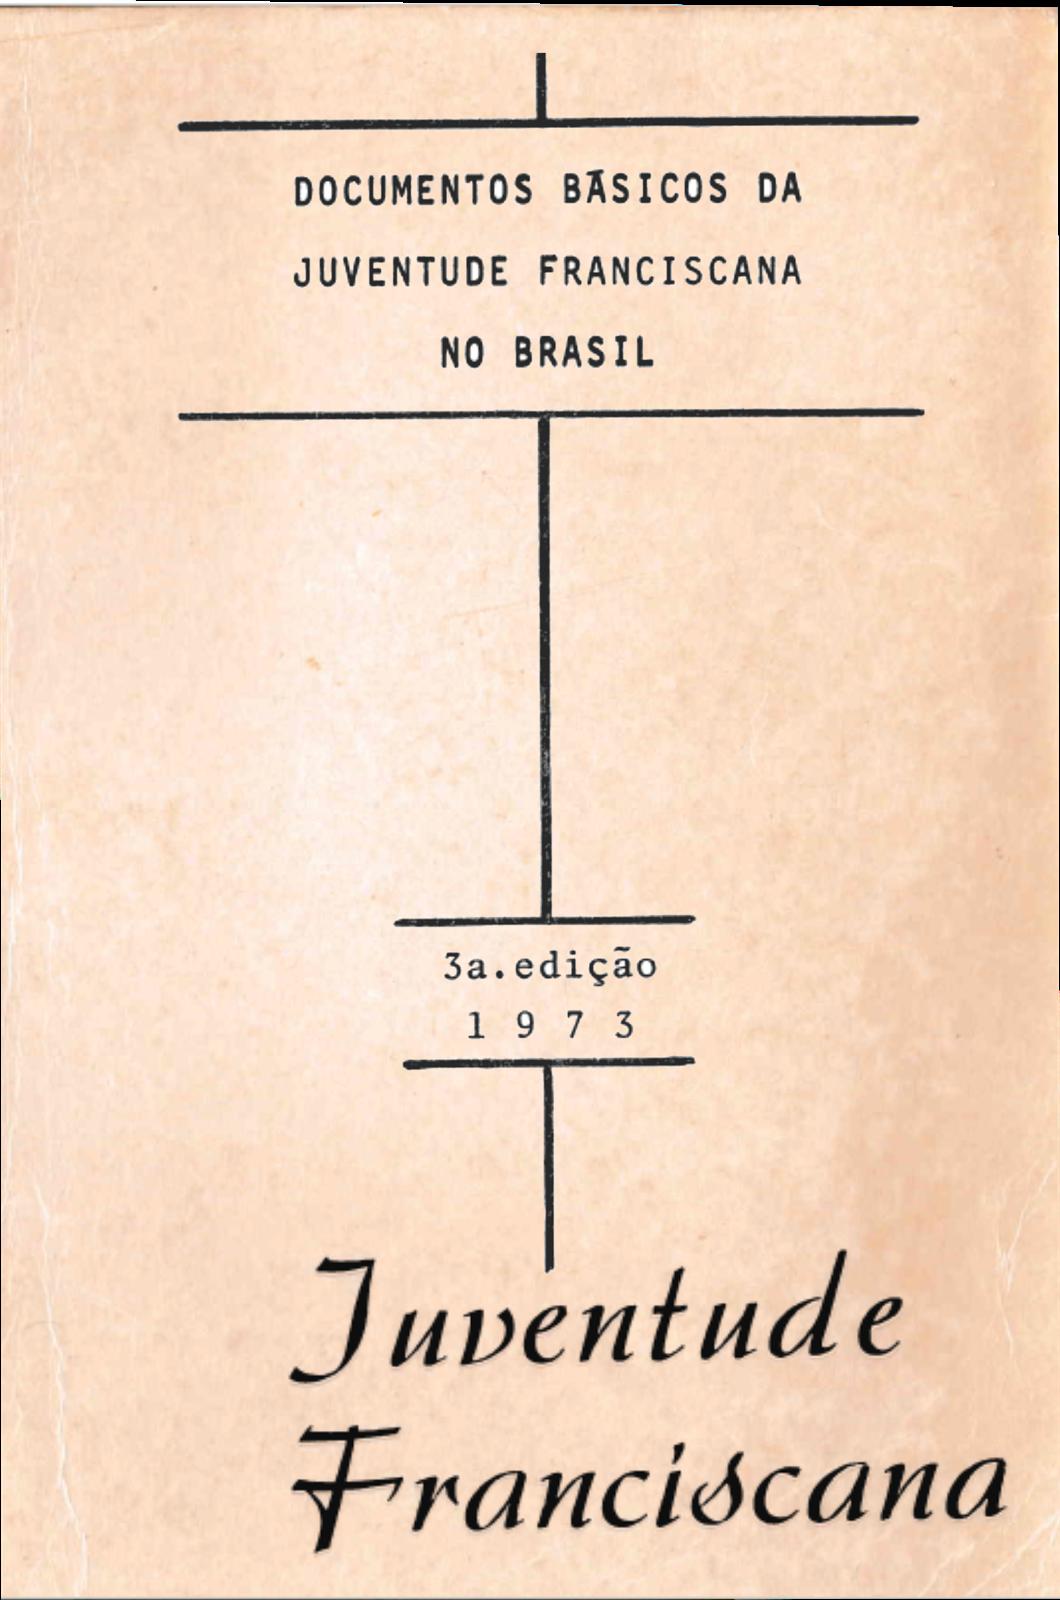 DOCUMENTOS BÁSICOS DA JUVENTUDE FRANCISCANA NO BRASIL